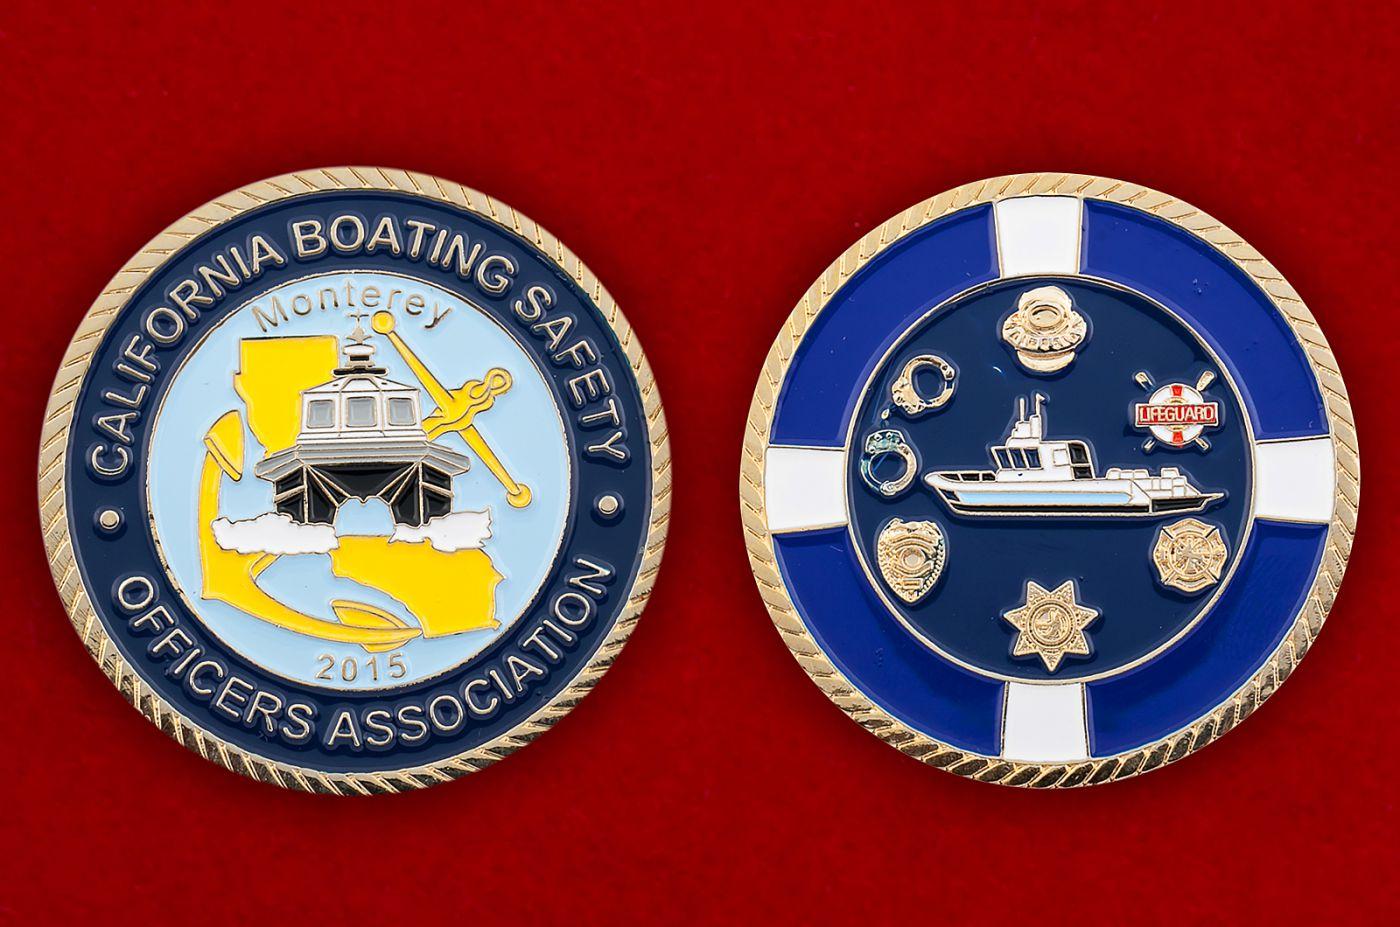 Челлендж коин Ассоциации офицеров Службы безопасности гребного спорта в Монтерее, Калифорния - аверс и реверс